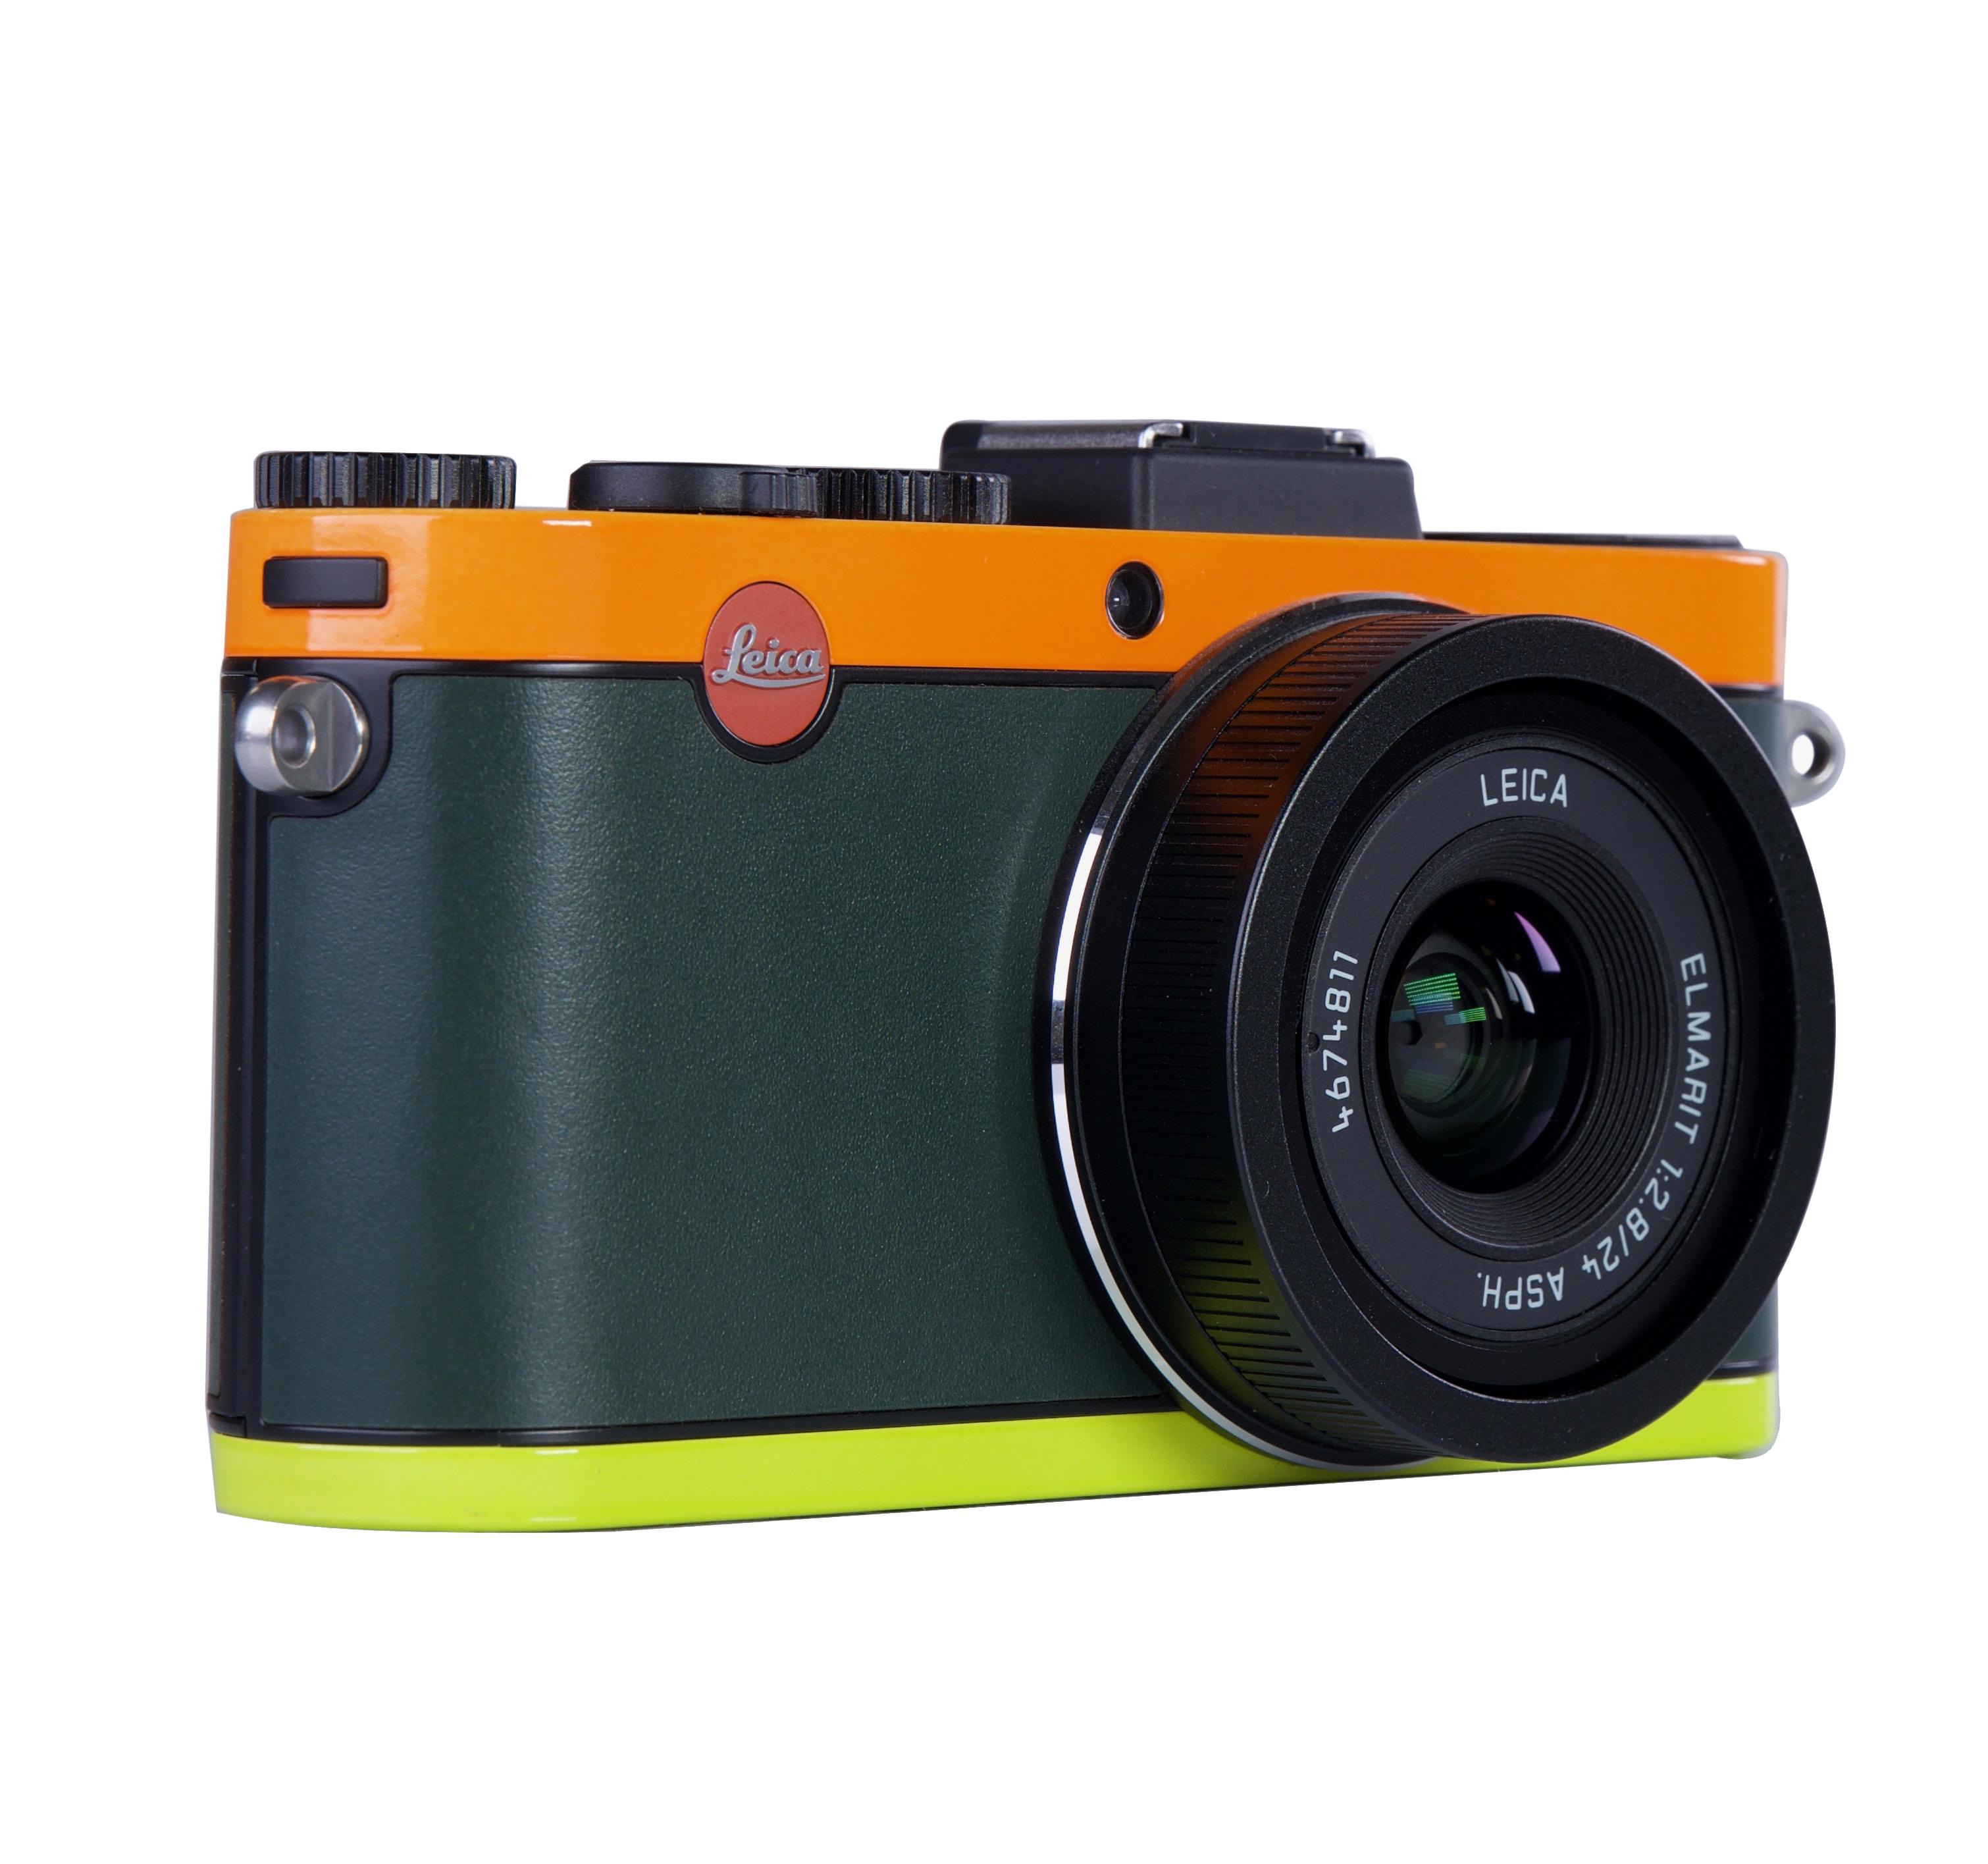 Gelegenheiten Leica X2 (Edition Paul Smith) orange/grün/gelb